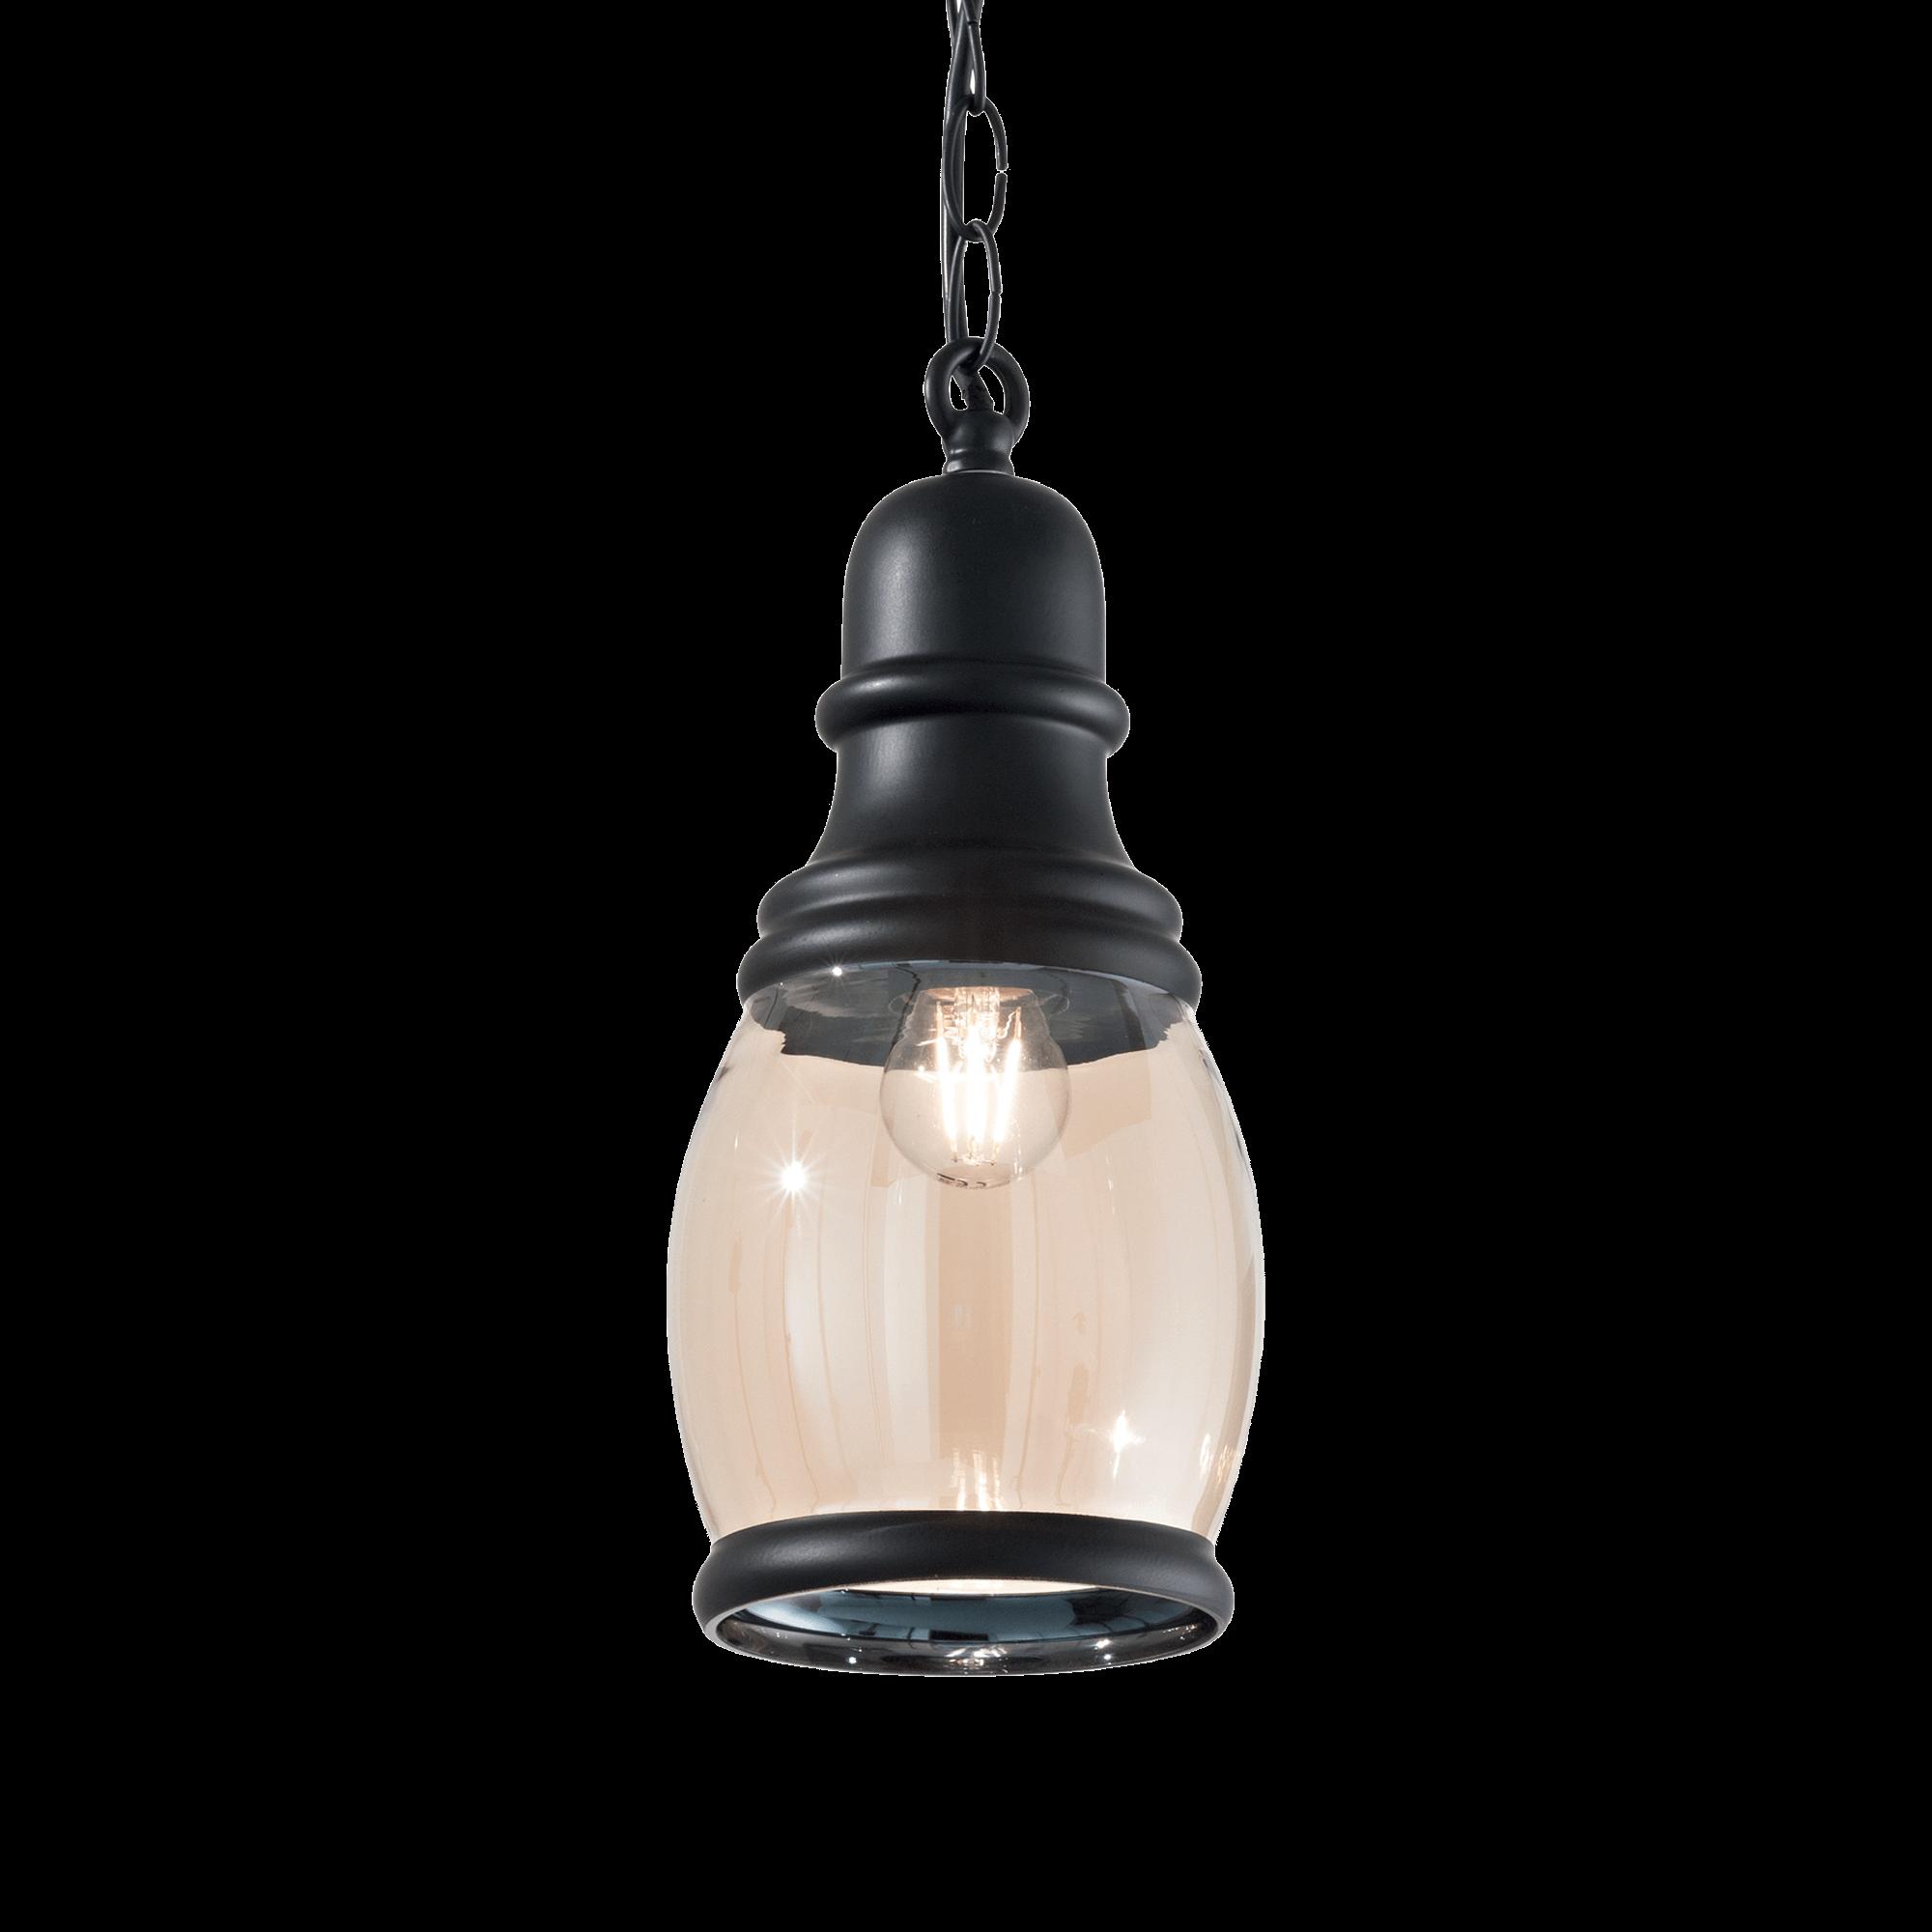 Ideal Lux 168609 HANSEL SP1 OVAL függeszték